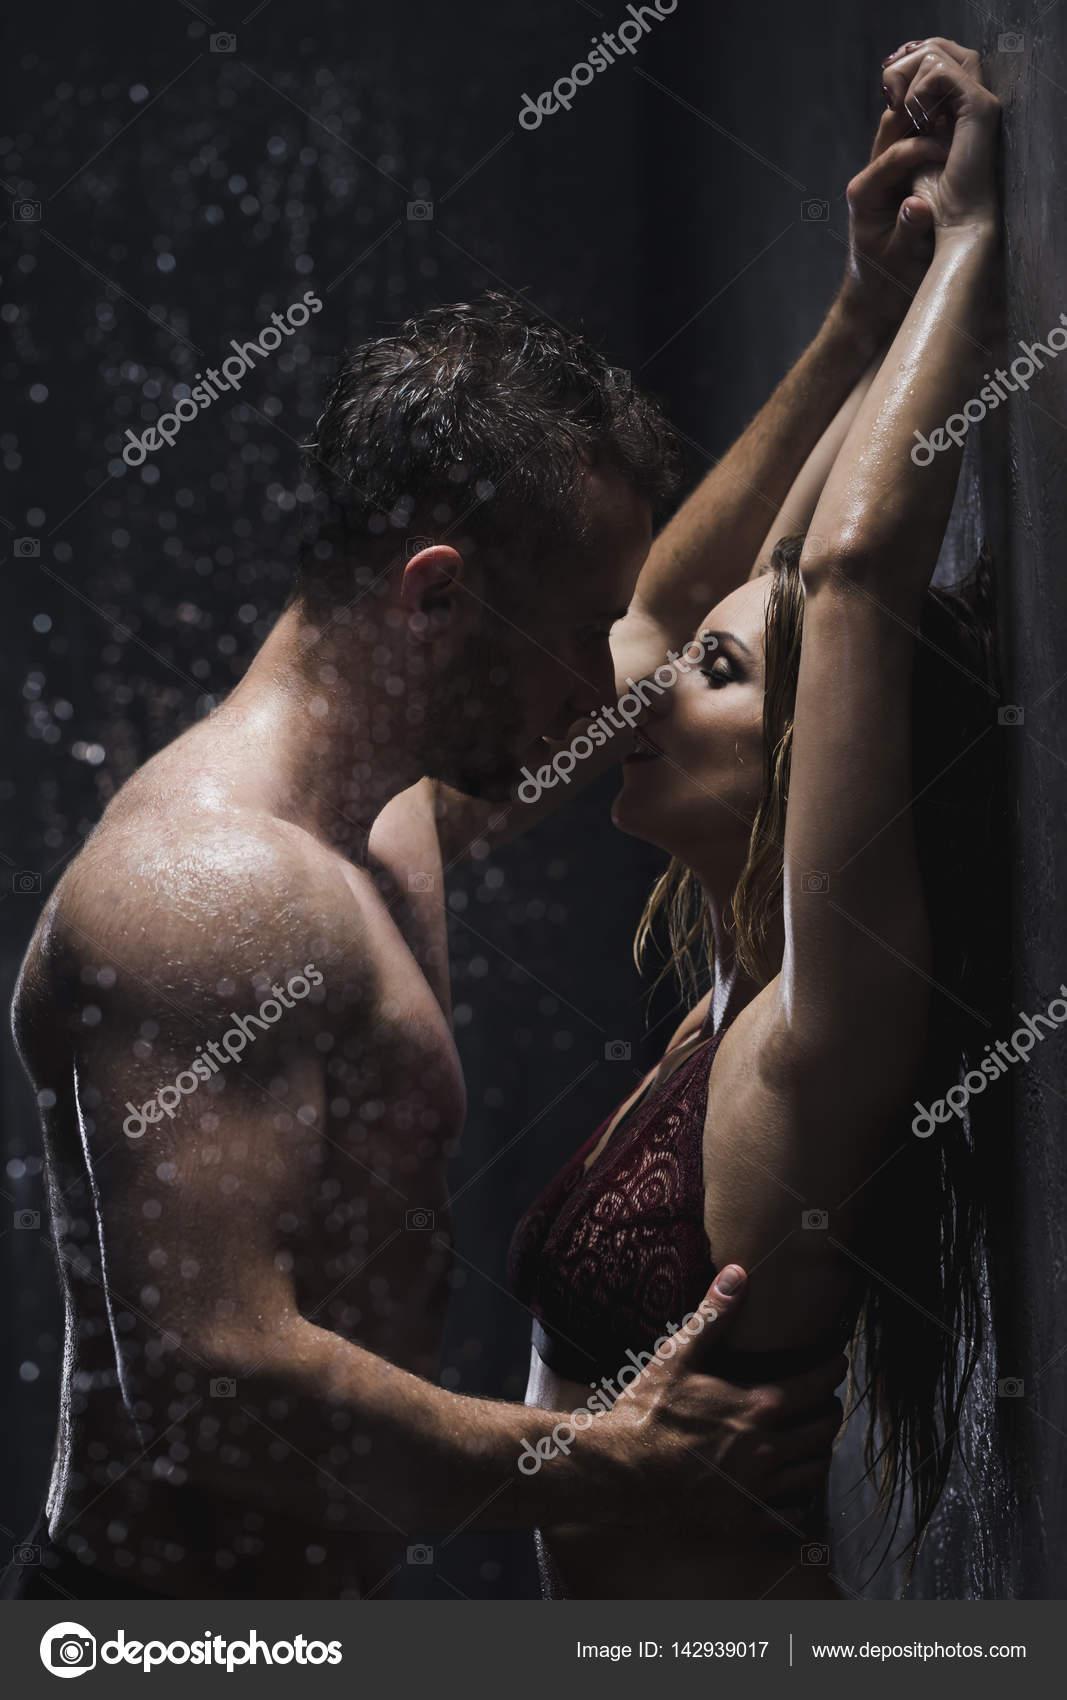 Sex shower under